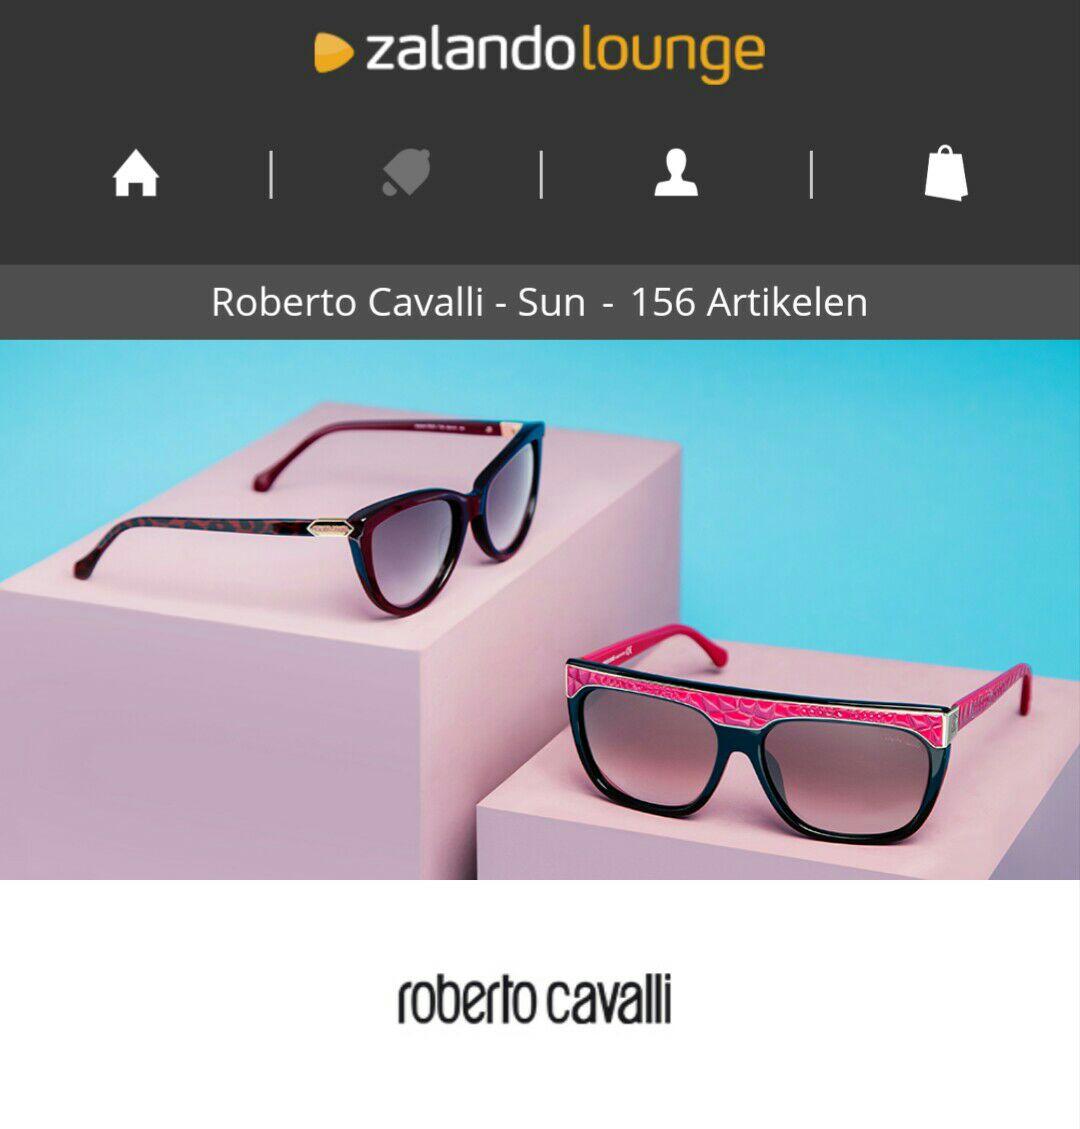 Roberto Cavalli dames zonnebrillen met hoge kortingen (tot -75%) vanaf €59,- @ Zalando-Lounge